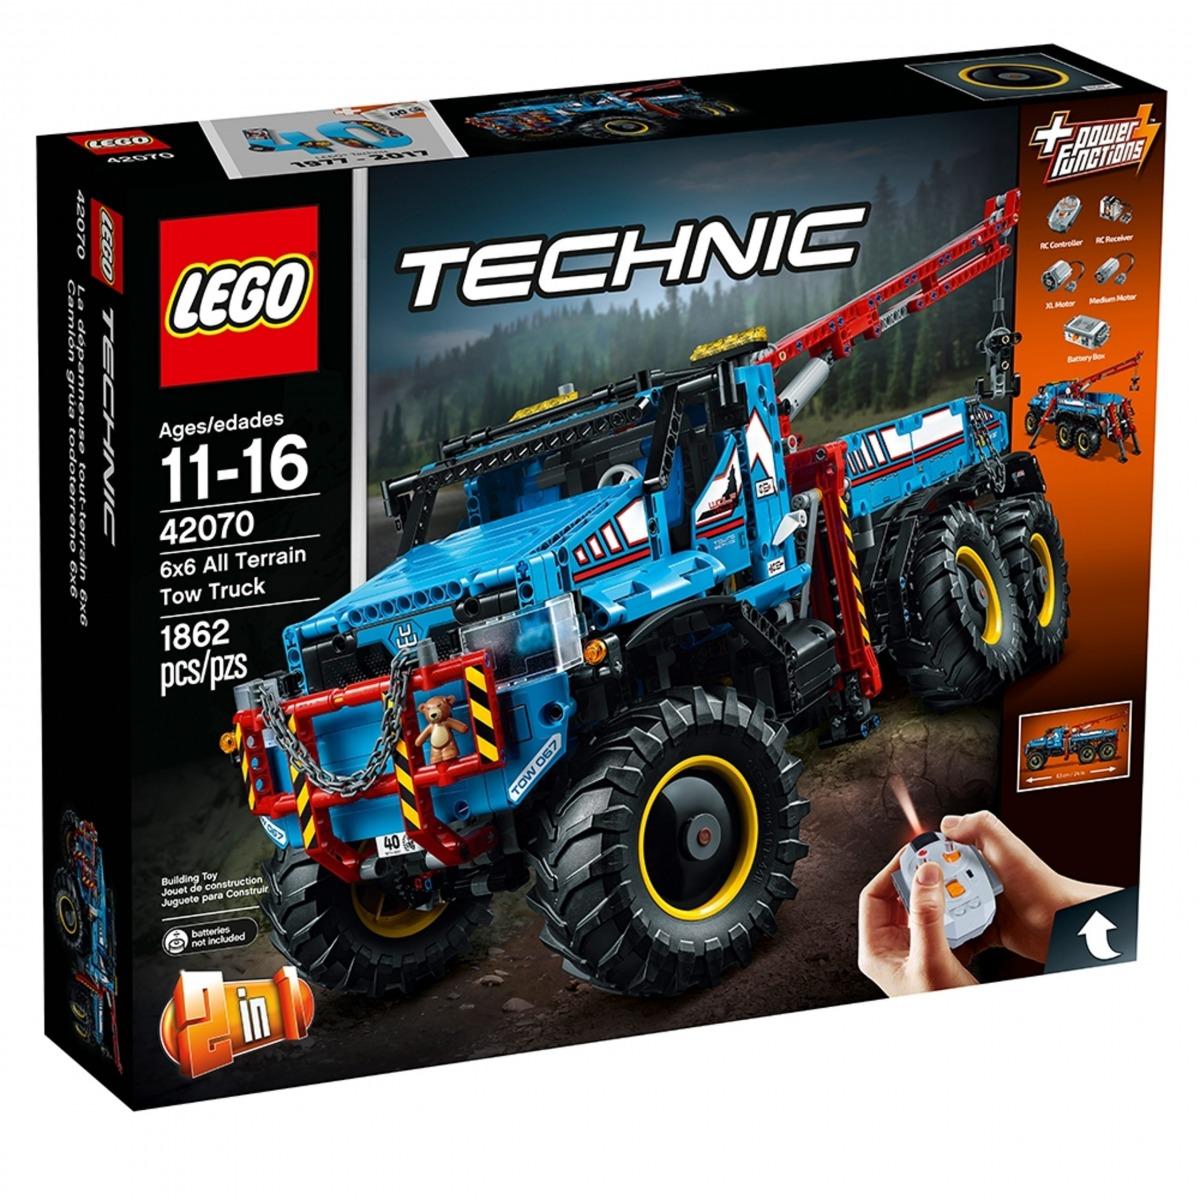 lego 42070 terranggaende 6x6 bargningsbil scaled